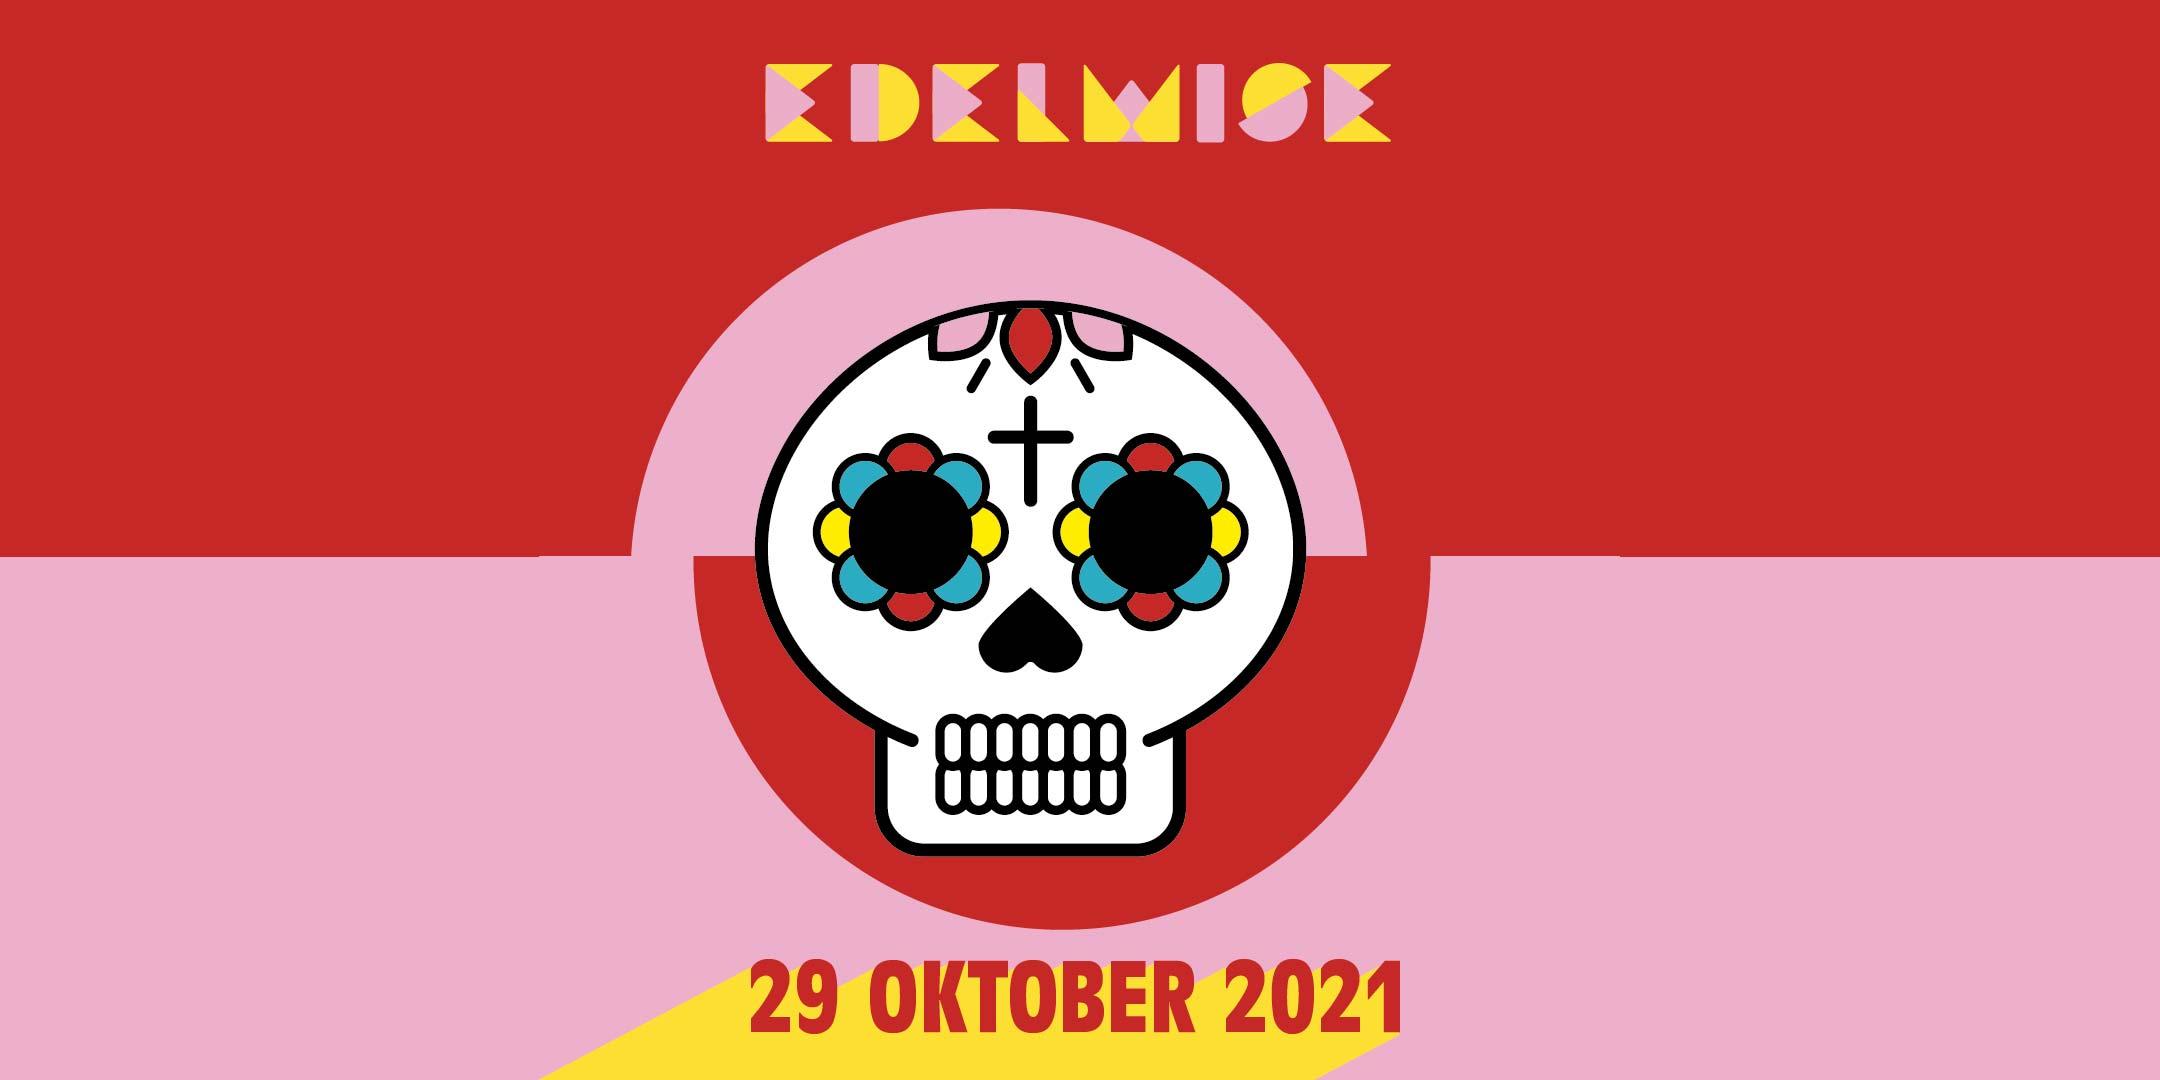 Edelwise 1e editie